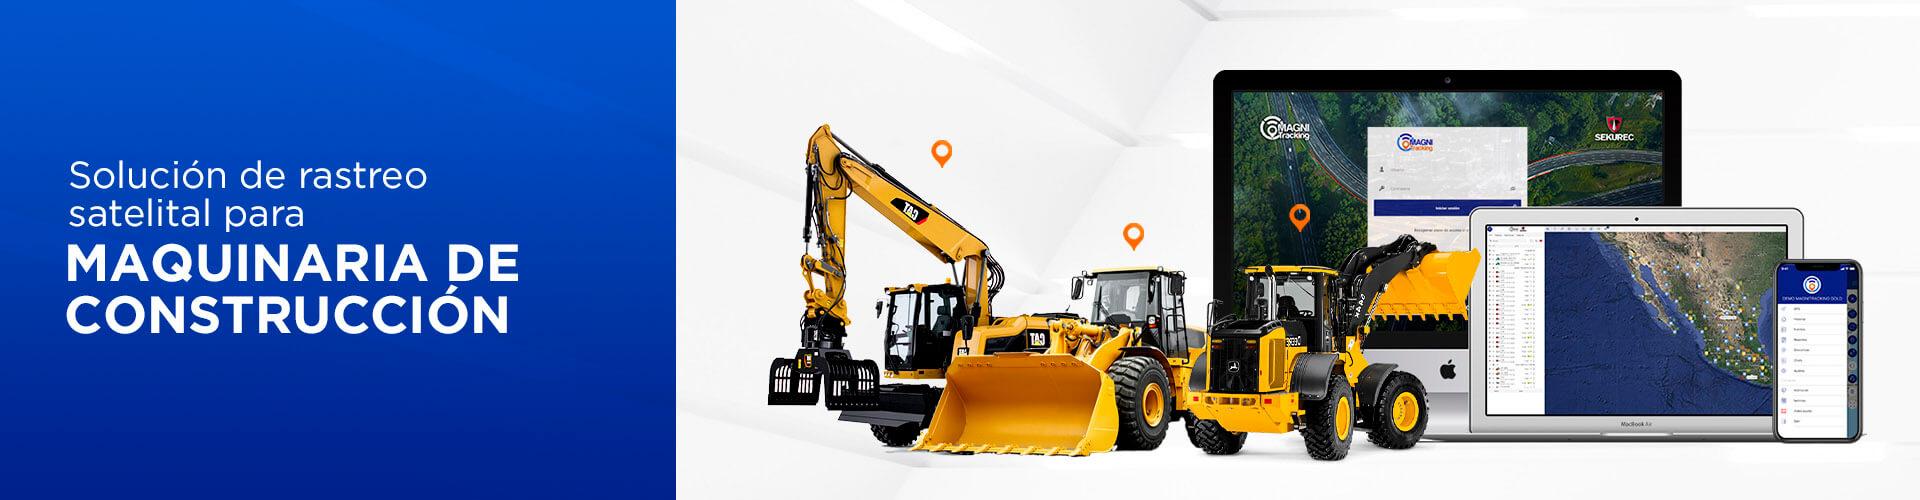 industrias-maquinaria-construccion